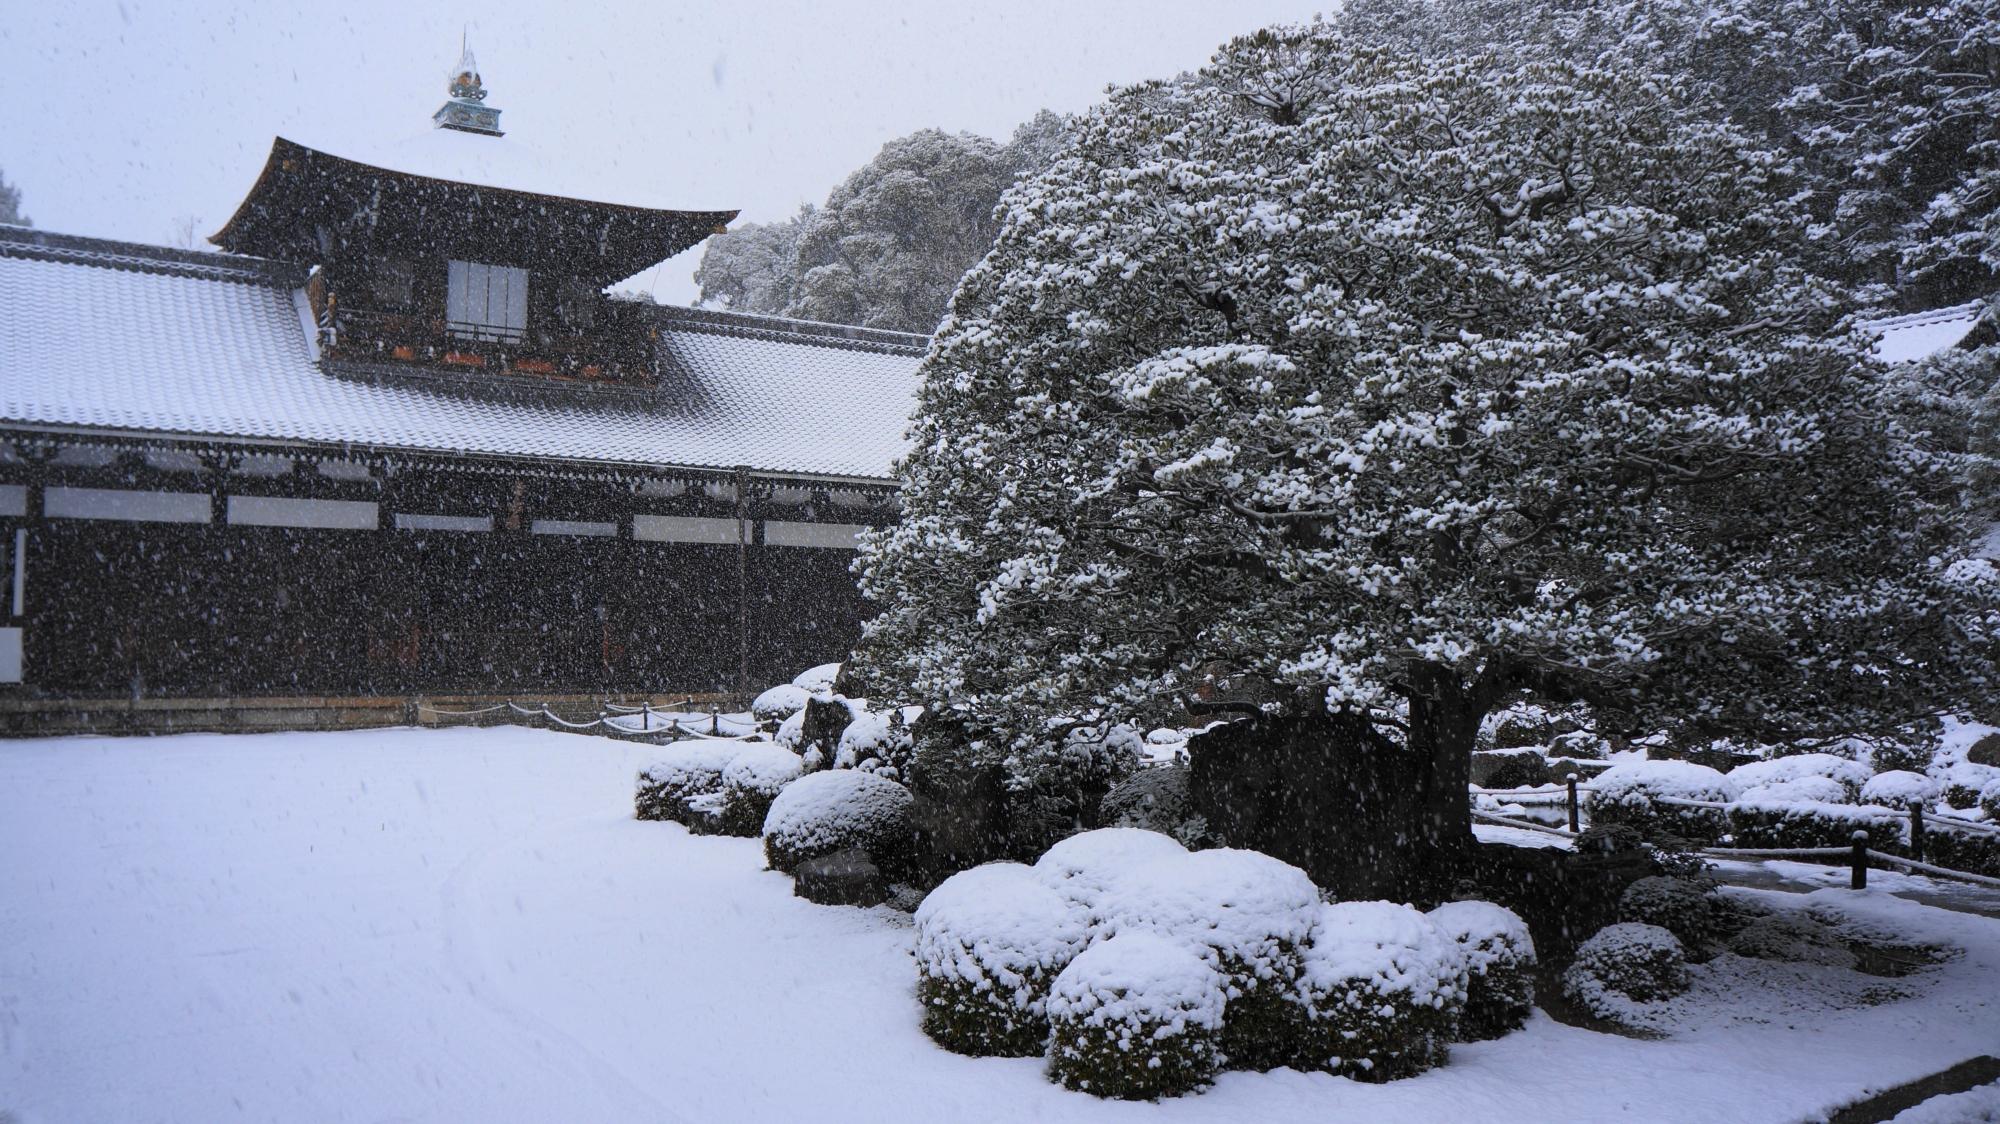 見事な雪化粧の庭園や木々